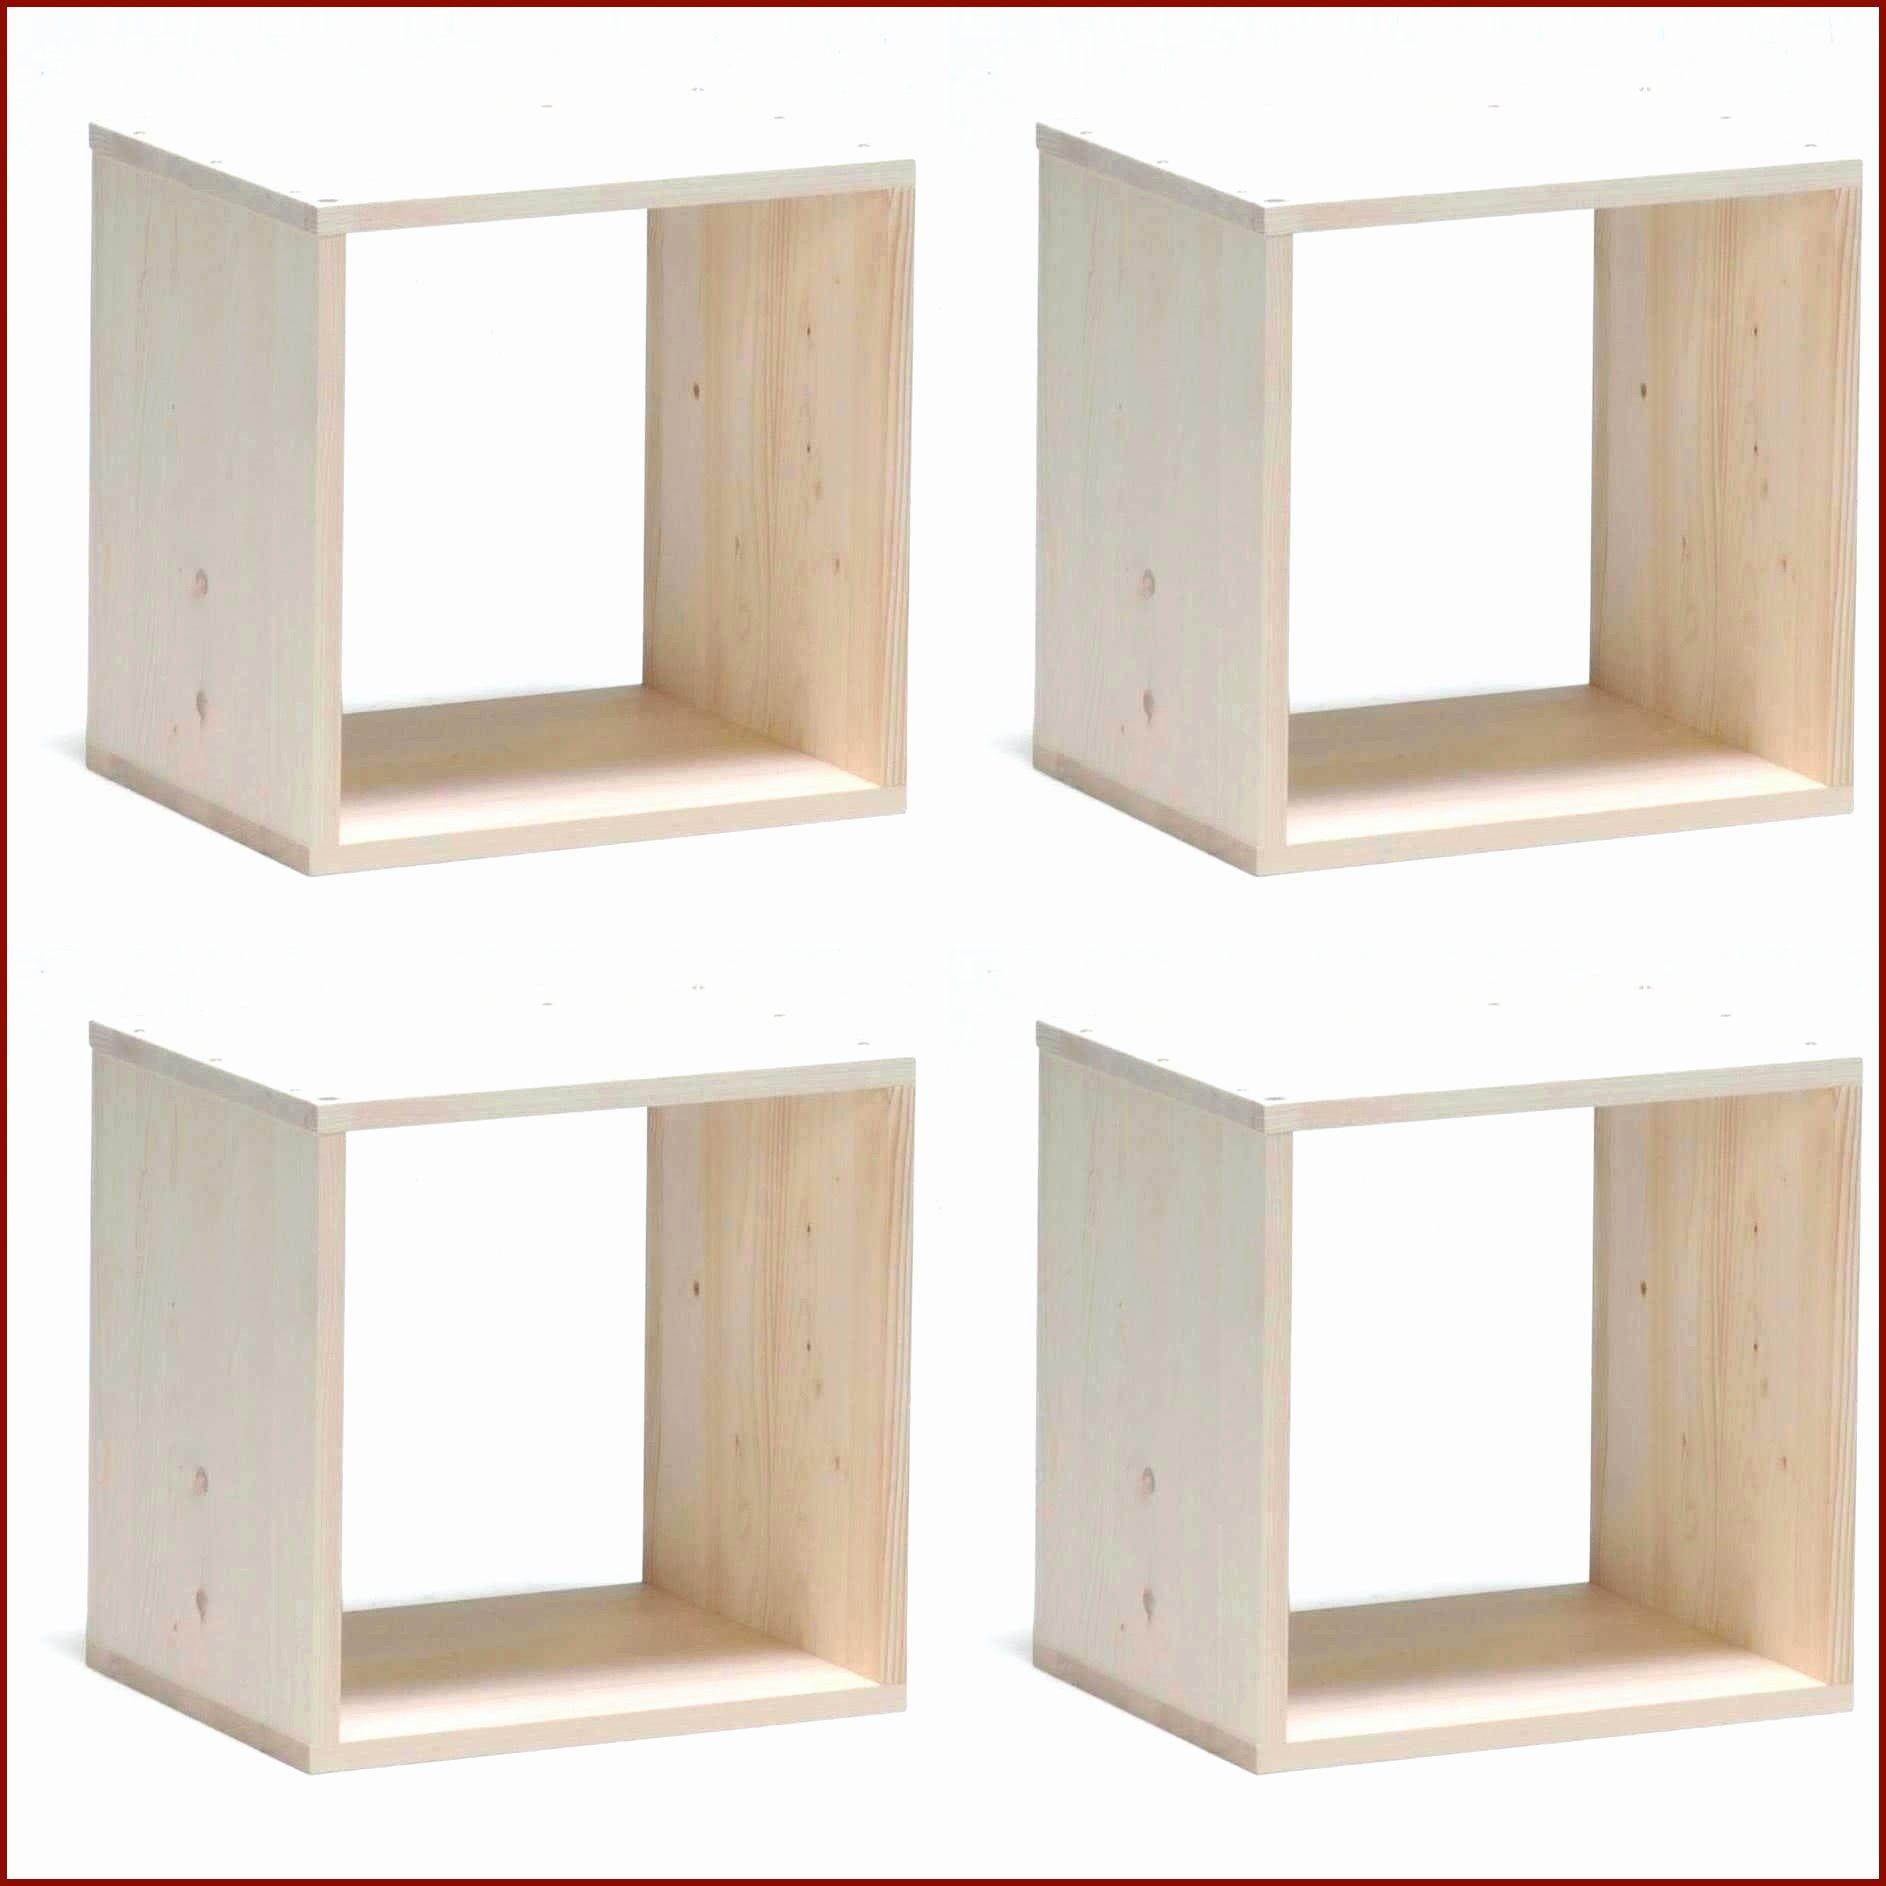 Lit En Bois Pliant Ikea Joli Bureau Pliant Ikea Unique Table Pliable Ikea New Lit En Bois Pliant